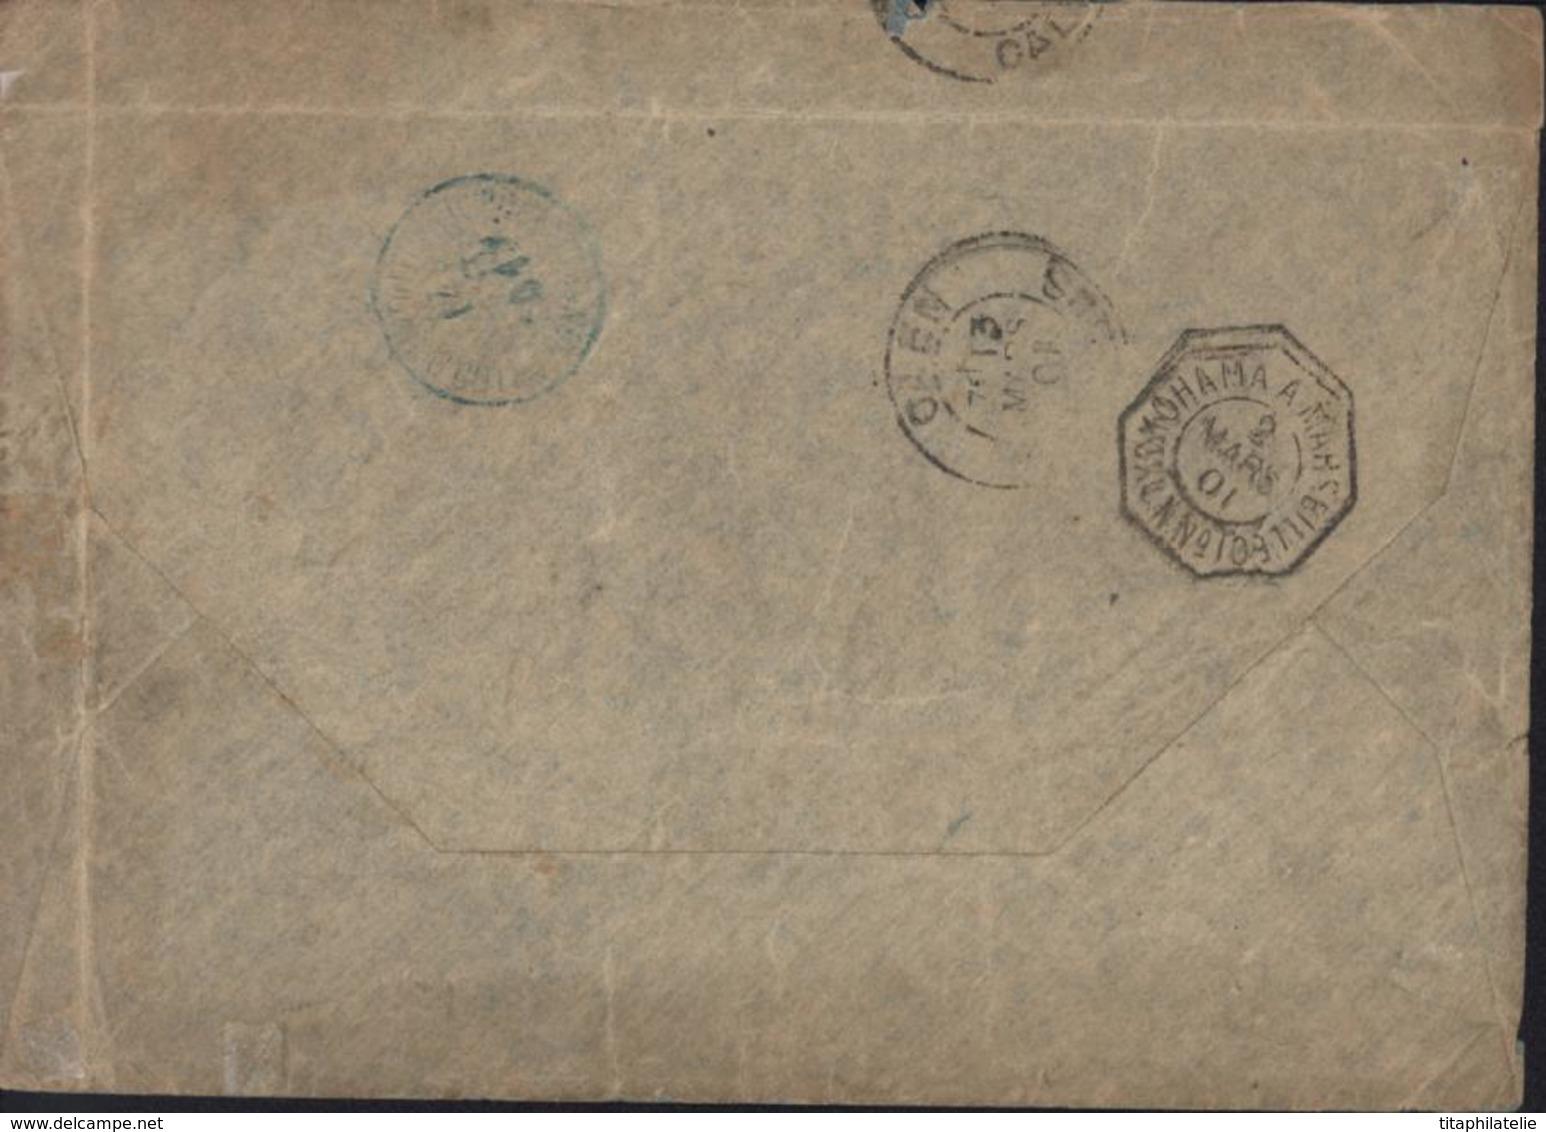 CAD Bleu Djibouti Cote Française Des Somalis 14 2 01 Verso CAD Maritime Yokohama à Marseille LN N°10 2 3 01 Octogonal - Lettres & Documents